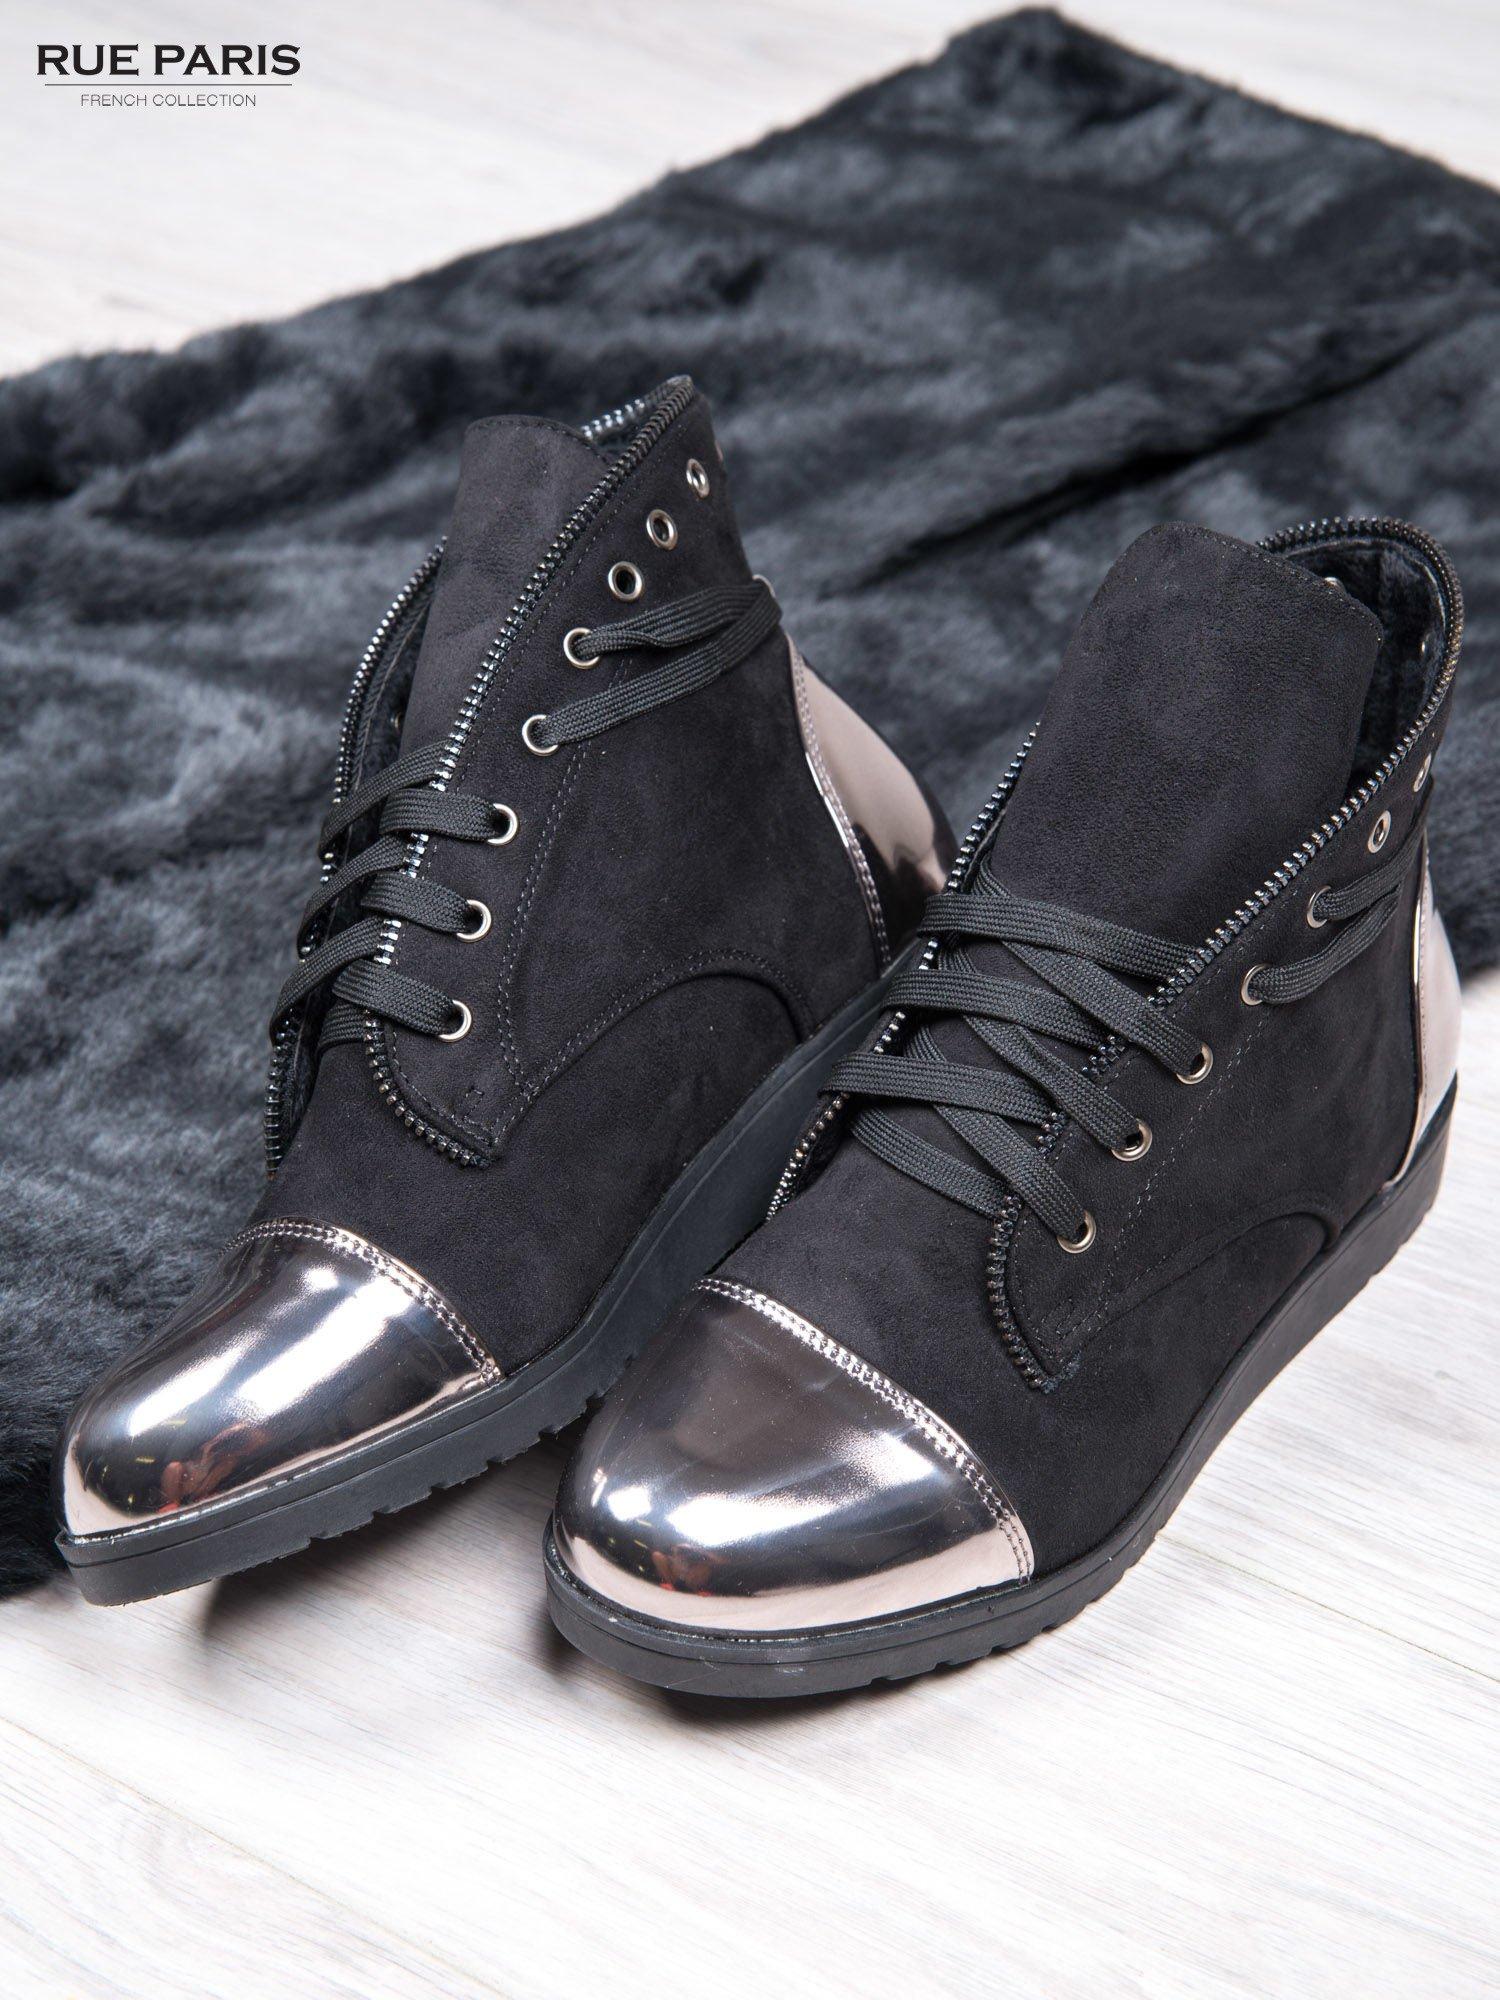 Czarne zamszowe sneakersy Alanza z ozdobnym suwakiem i lustrzanymi wstawkami                                  zdj.                                  2